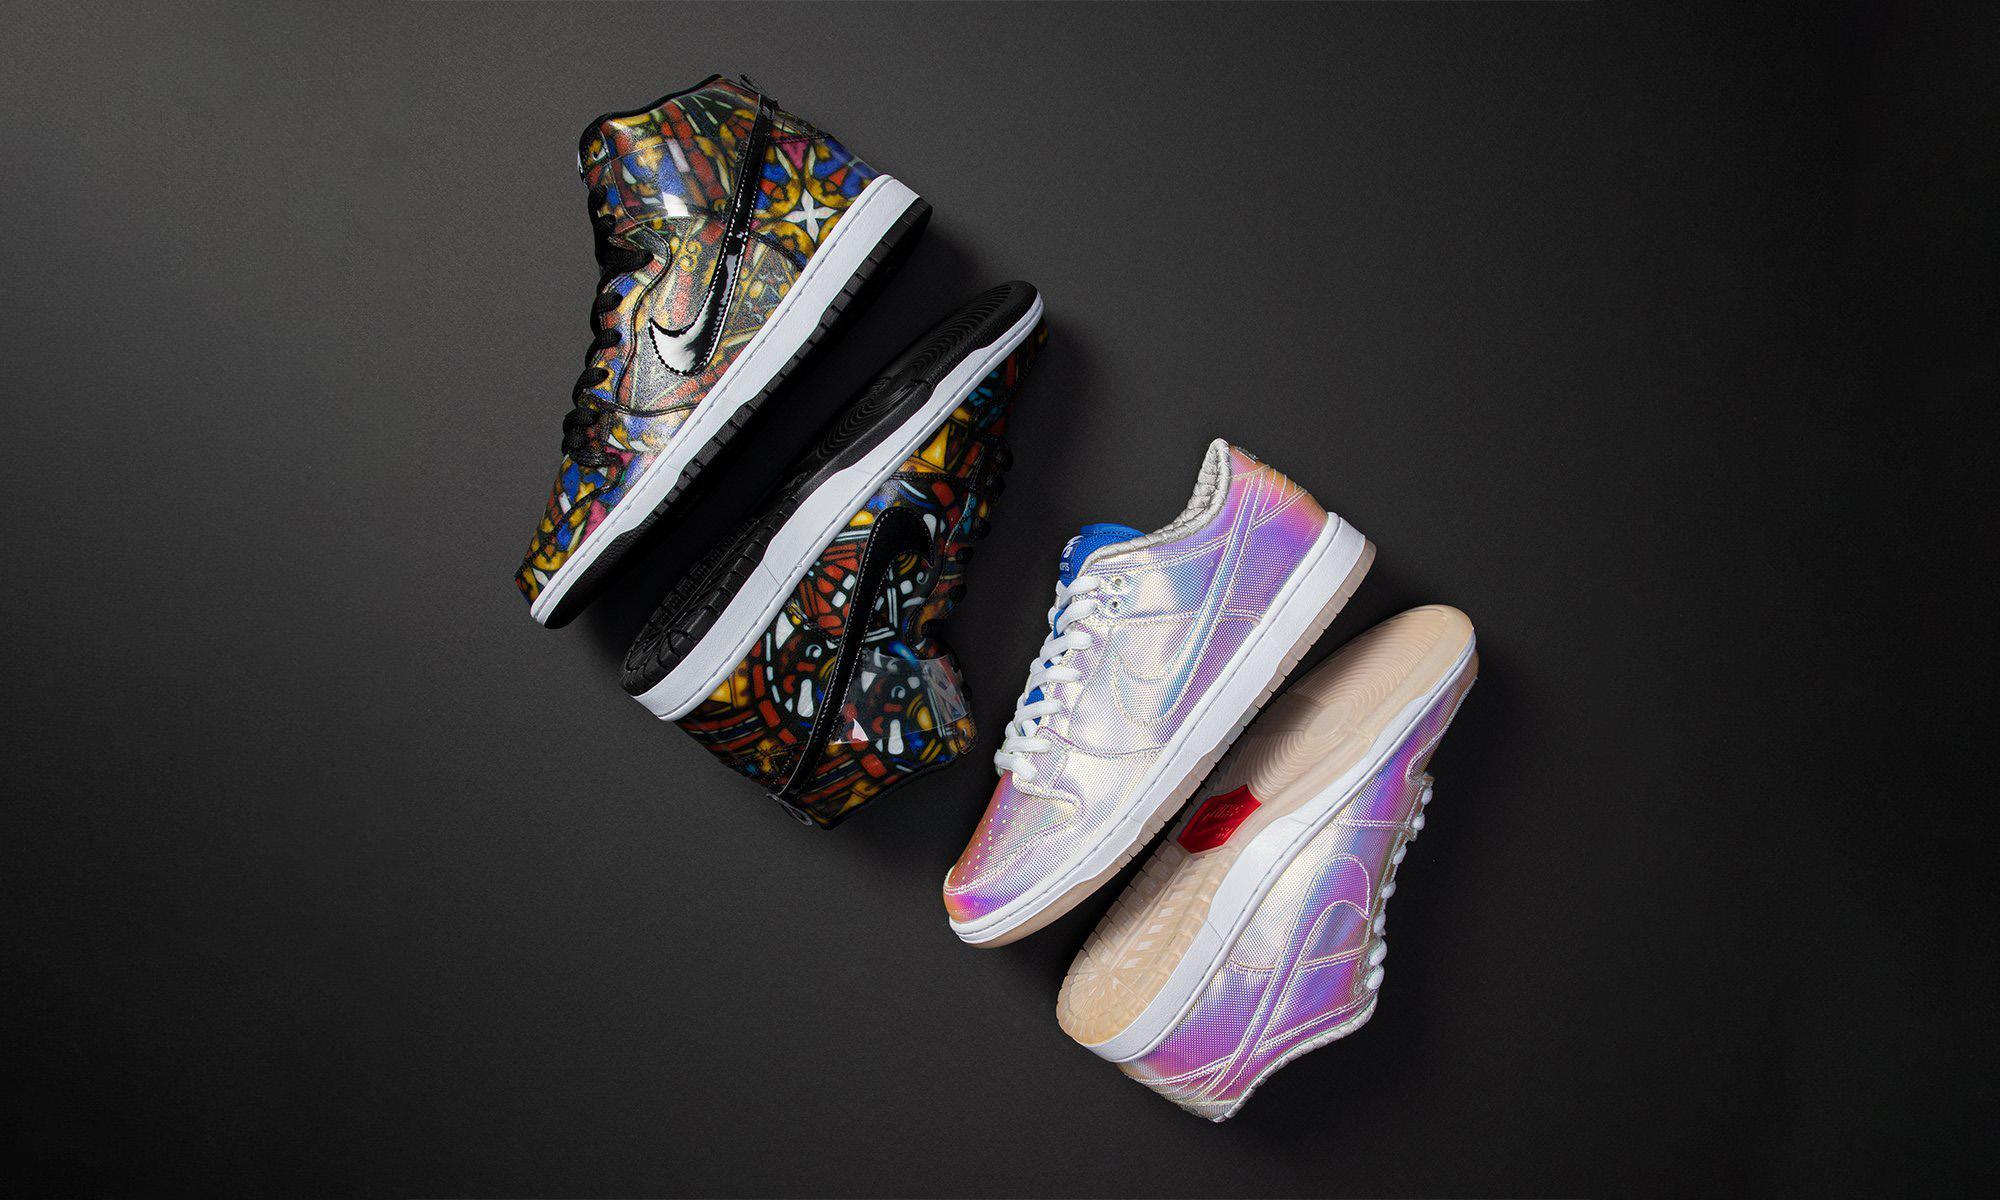 为正义再度发售,Concepts 开启两双 Nike SB 联名球鞋抽签